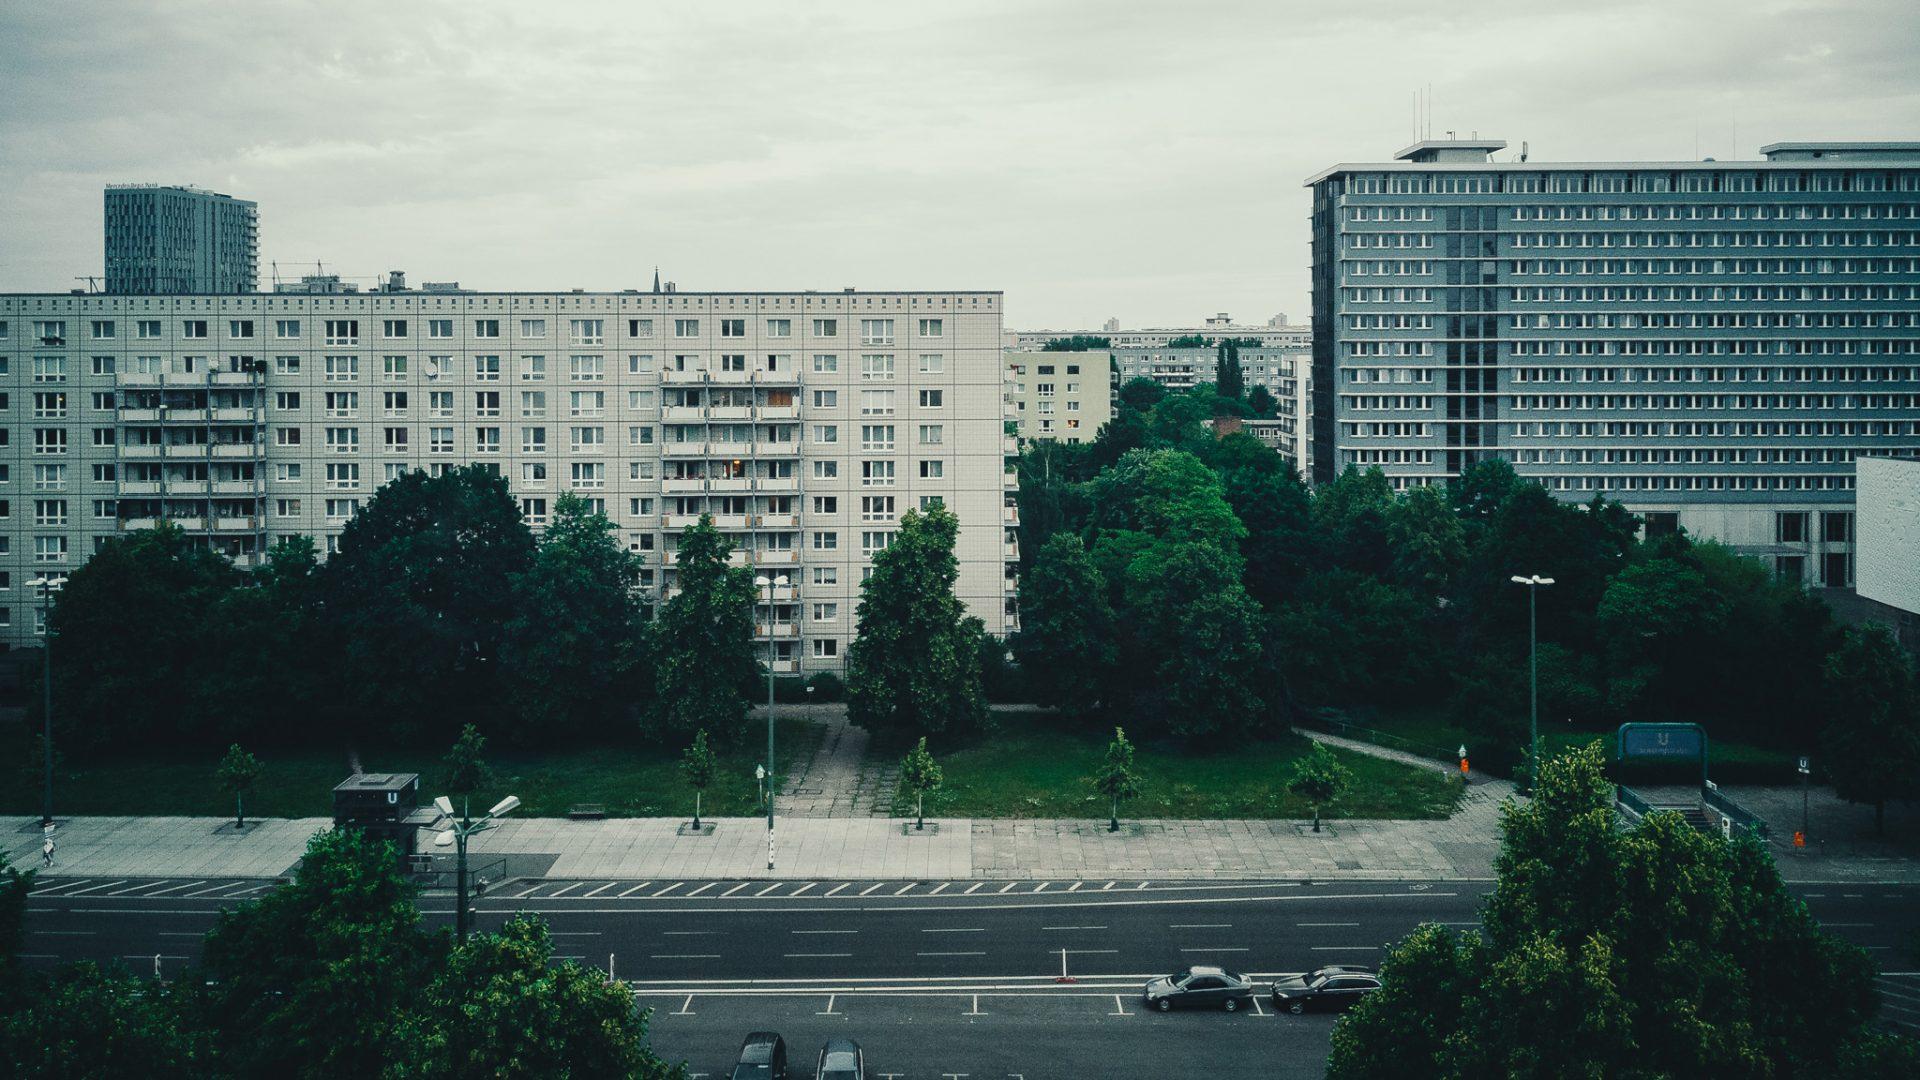 """Tag 334 - Block // """"Wenn irgendetwas uns verflucht hat, dann ist es doch die Großstadt gewesen, nirgends mehr geht die Einzelpersönlichkeit zugrunde als in diesen Stätten der Massensuggestion."""" - Gustav Stresemann"""